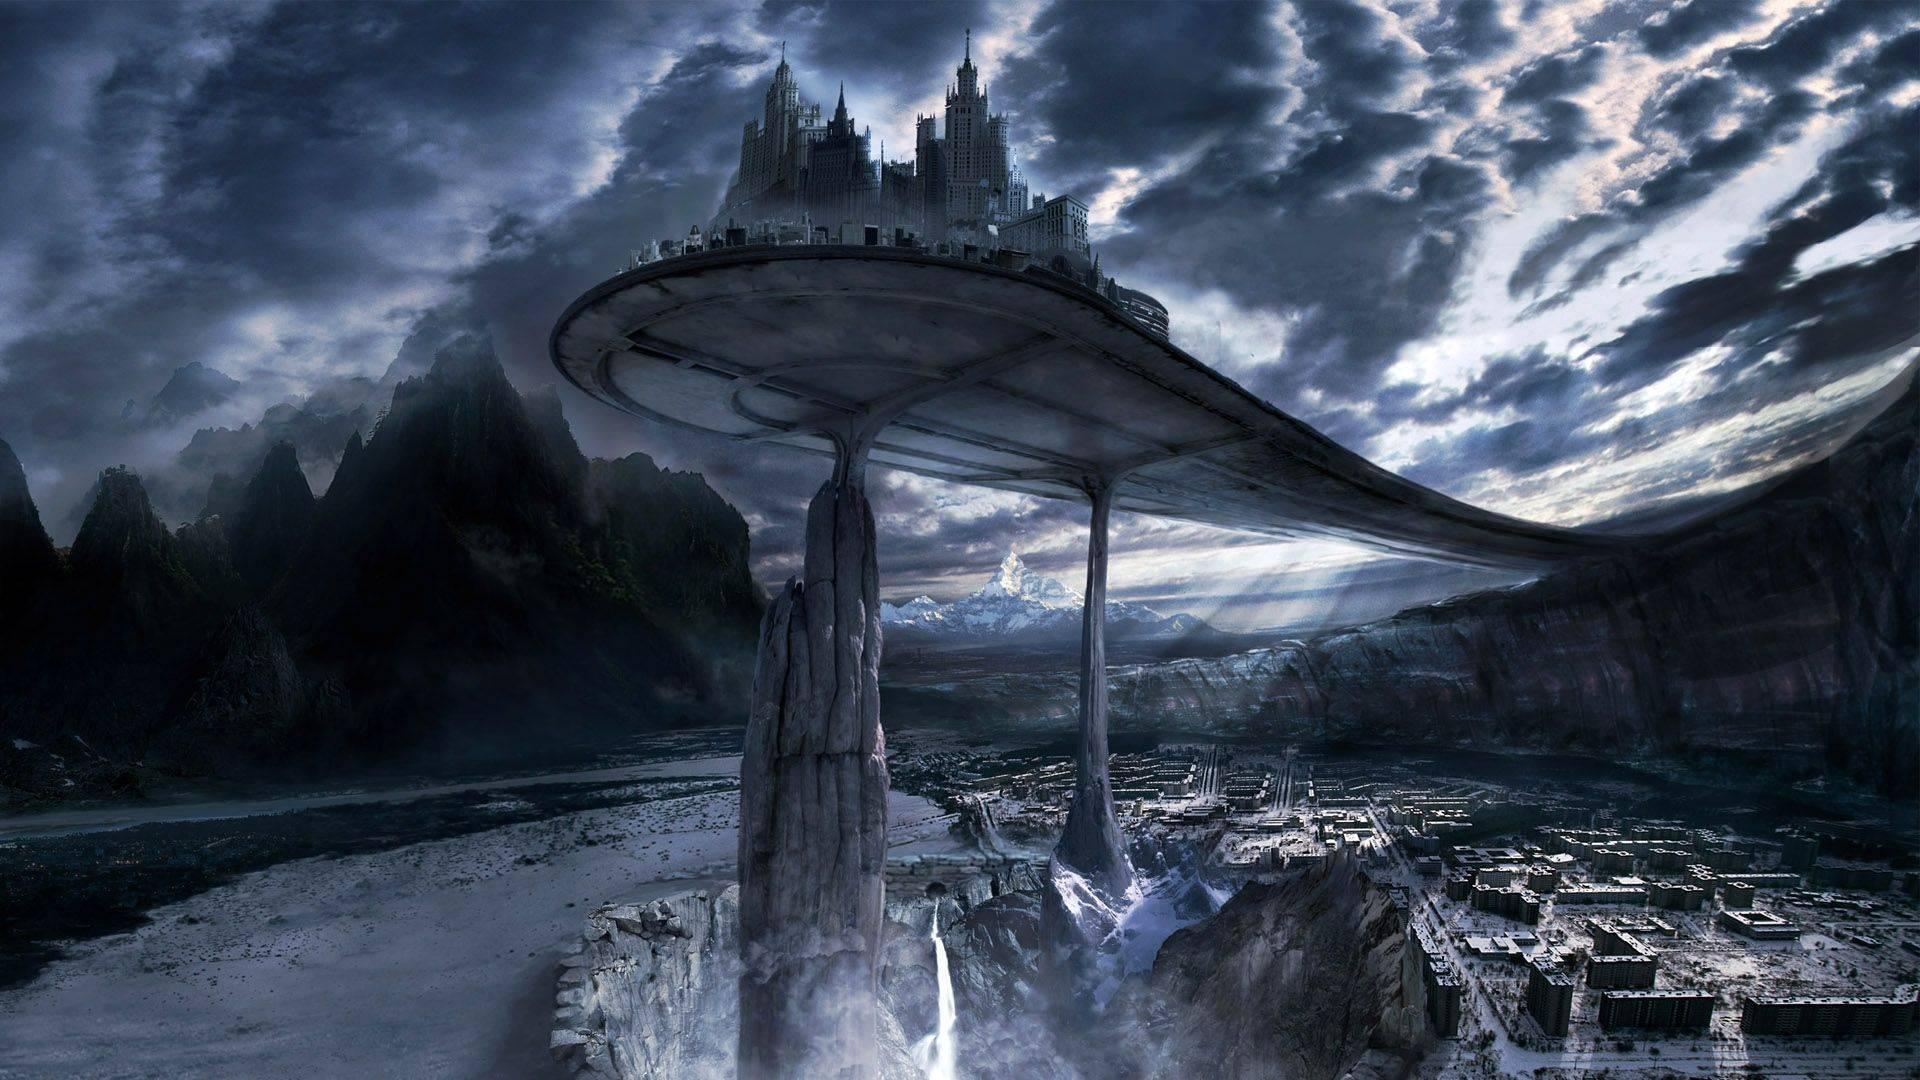 Dark Fantasy Landscape Background Wallpaper | I HD Images